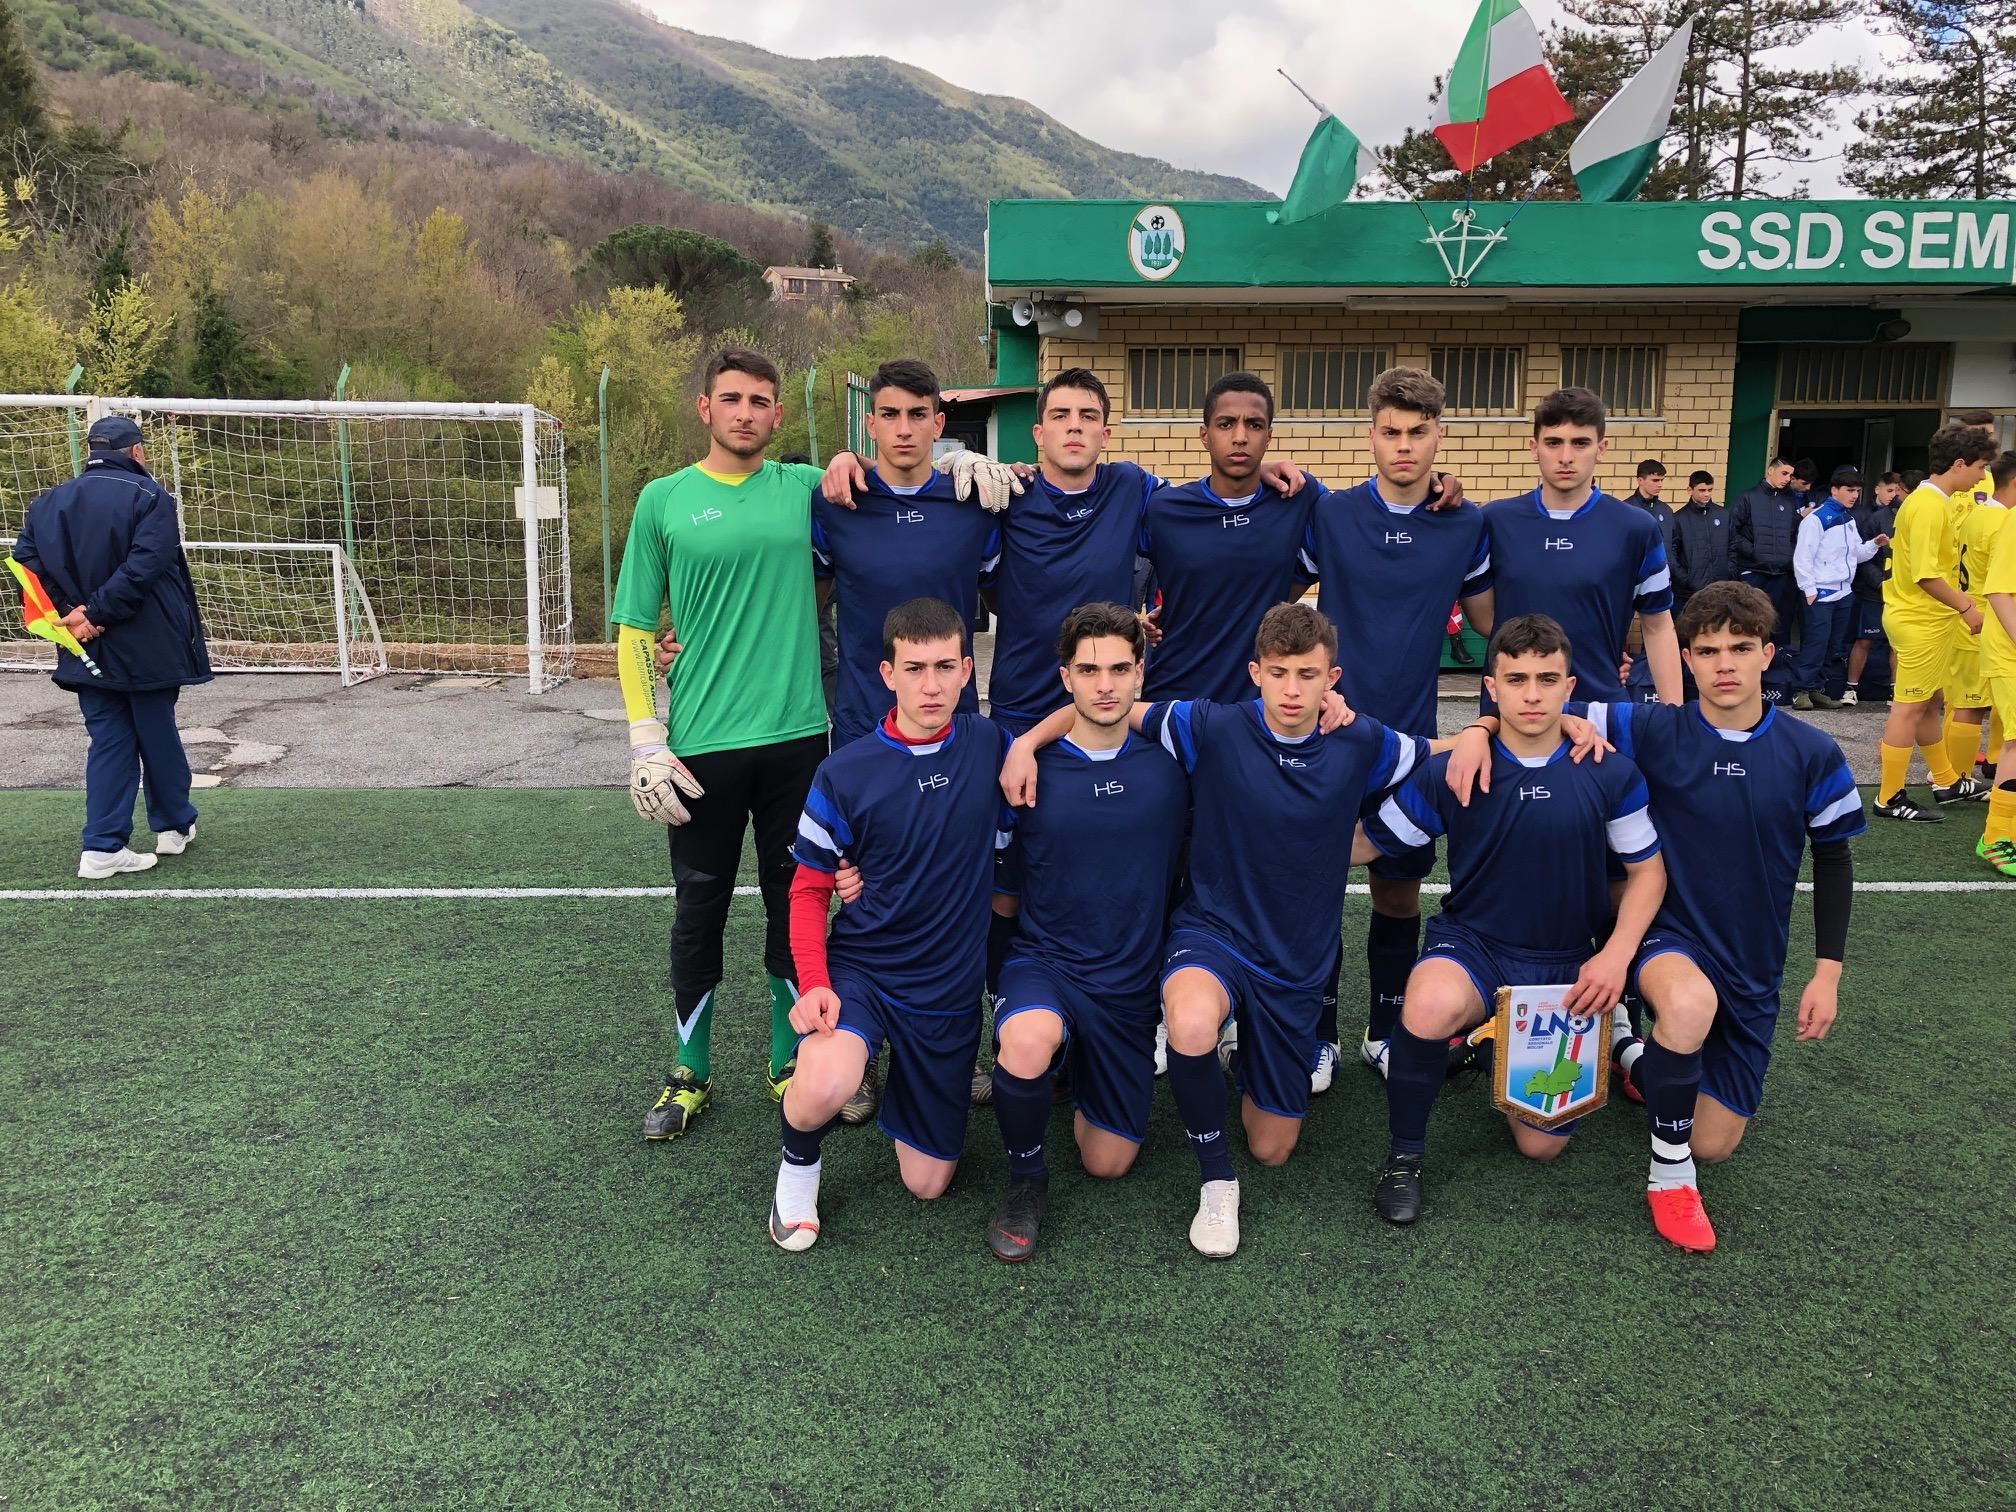 Torneo delle regioni, due pareggi per allievi e giovanissimi contro la Puglia.